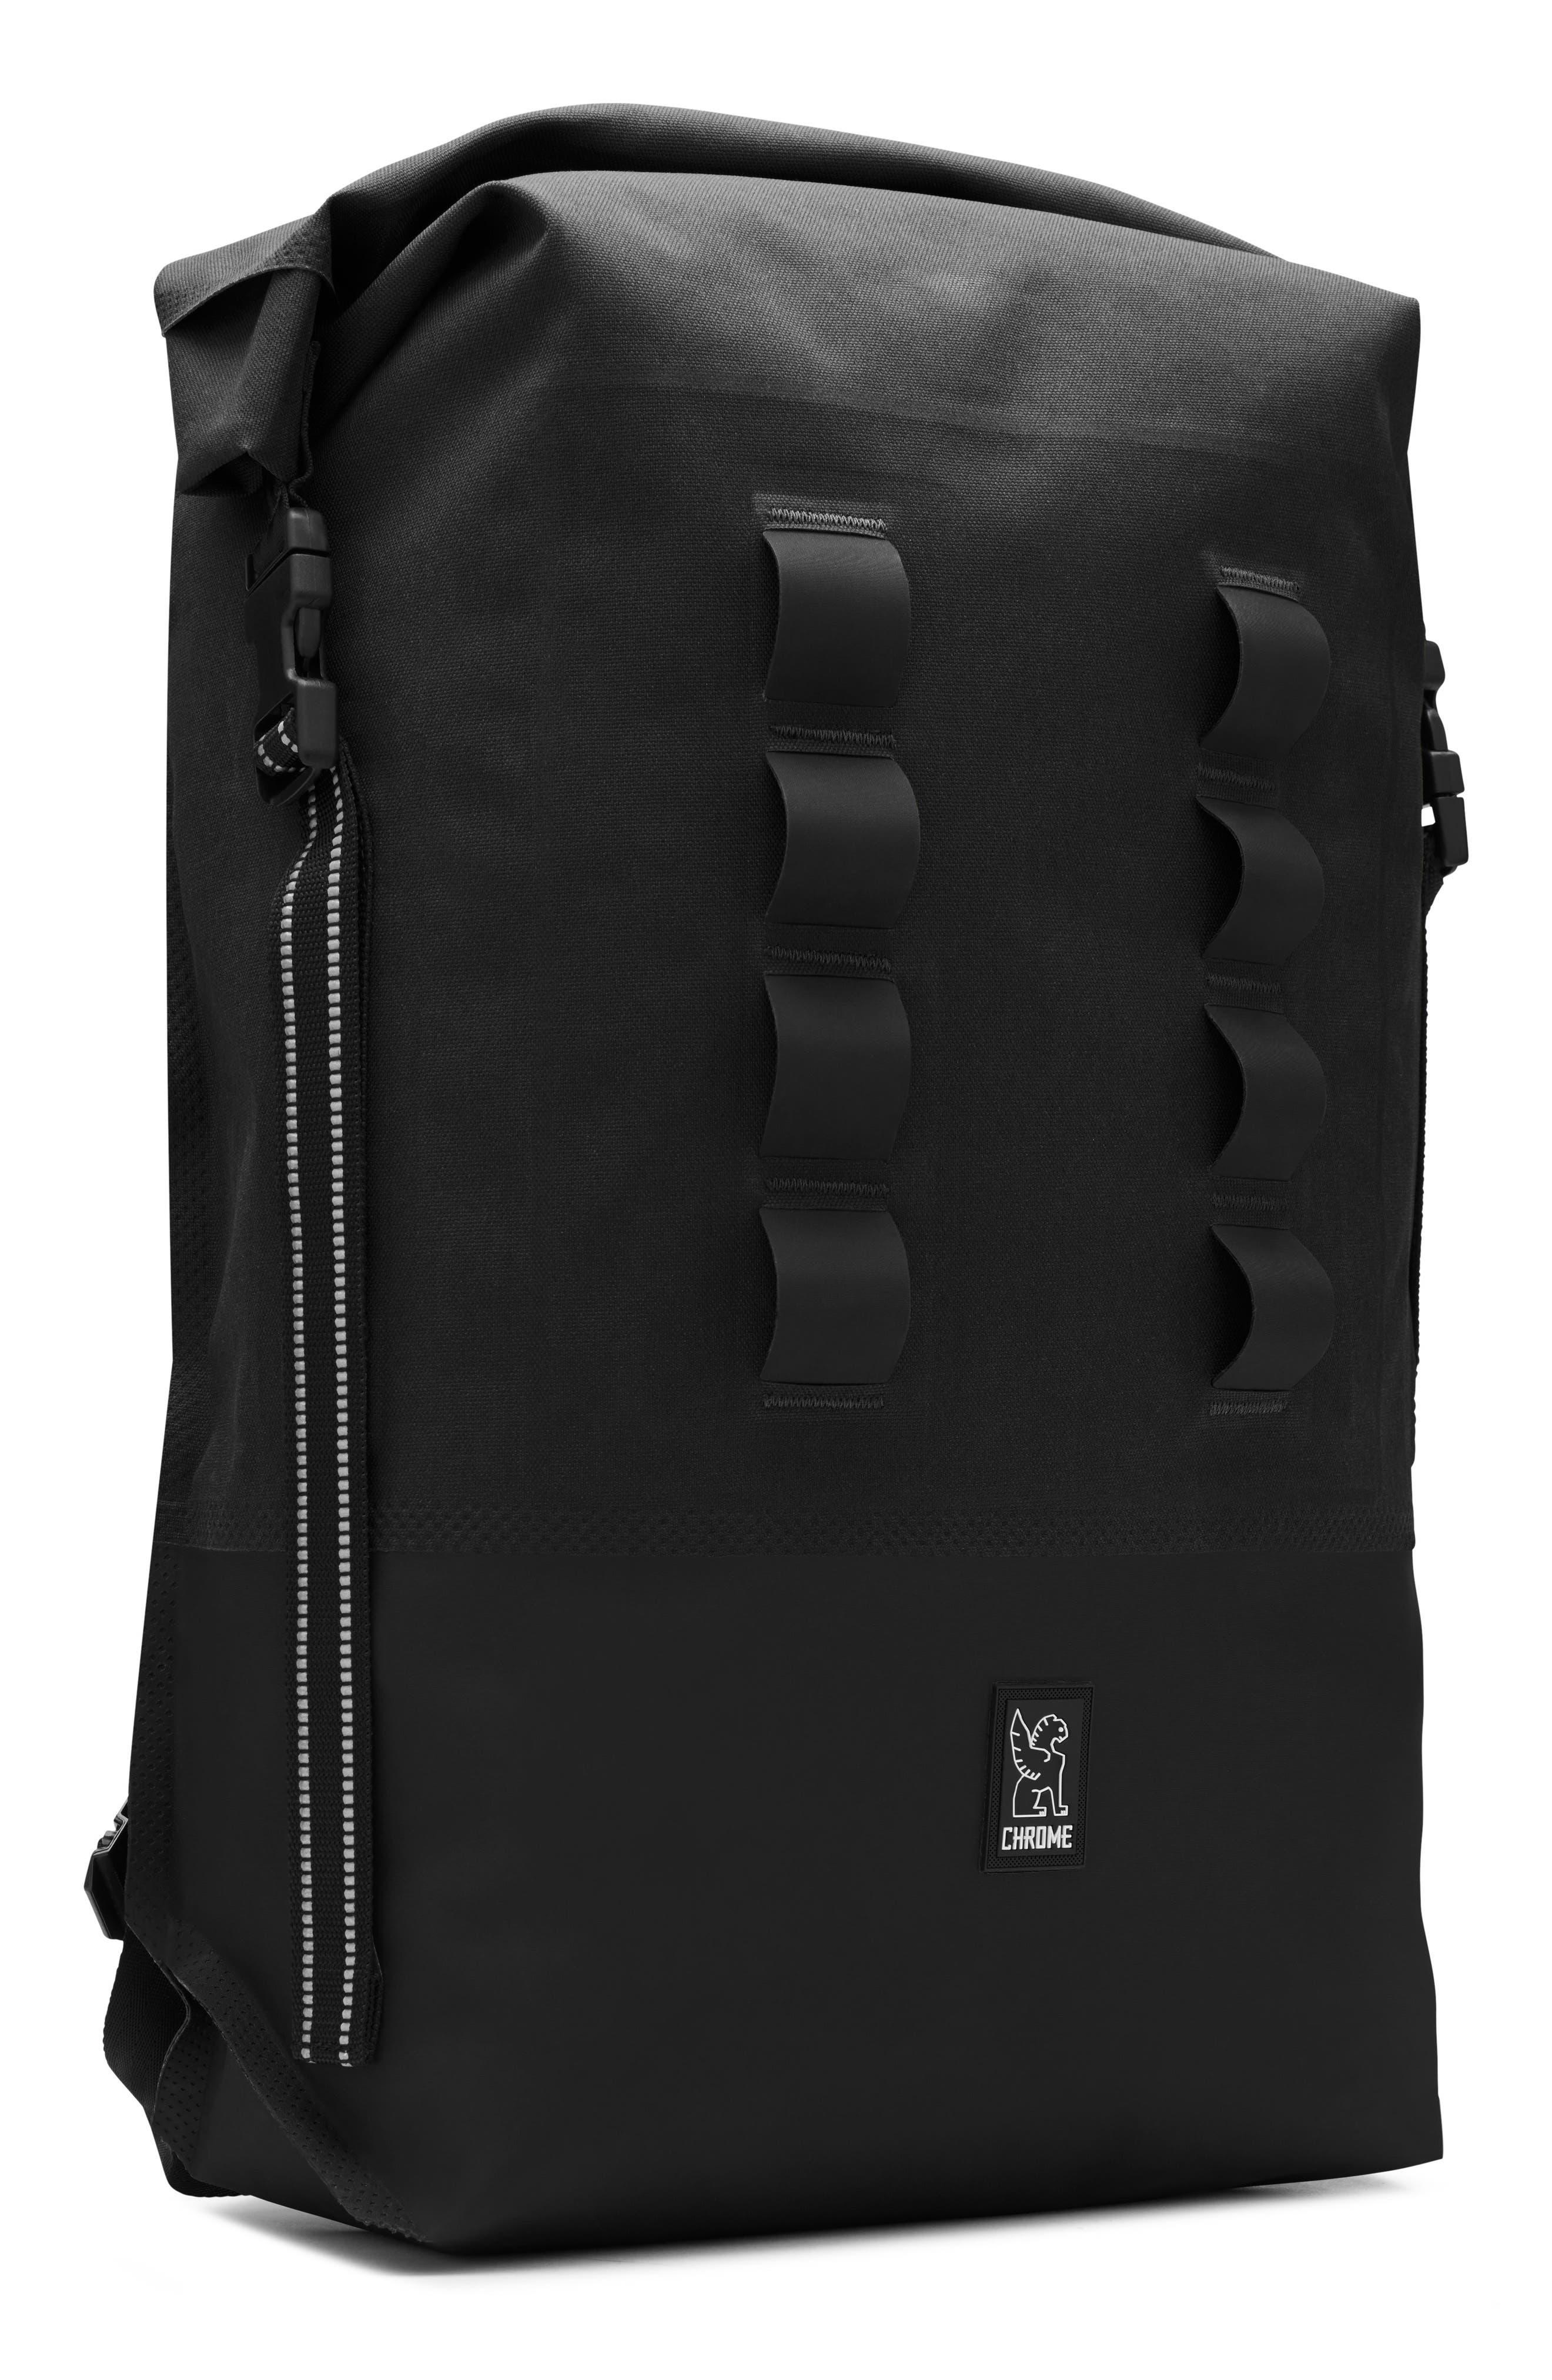 Urban Ex Rolltop Waterproof Backpack,                             Alternate thumbnail 10, color,                             BLACK/ BLACK